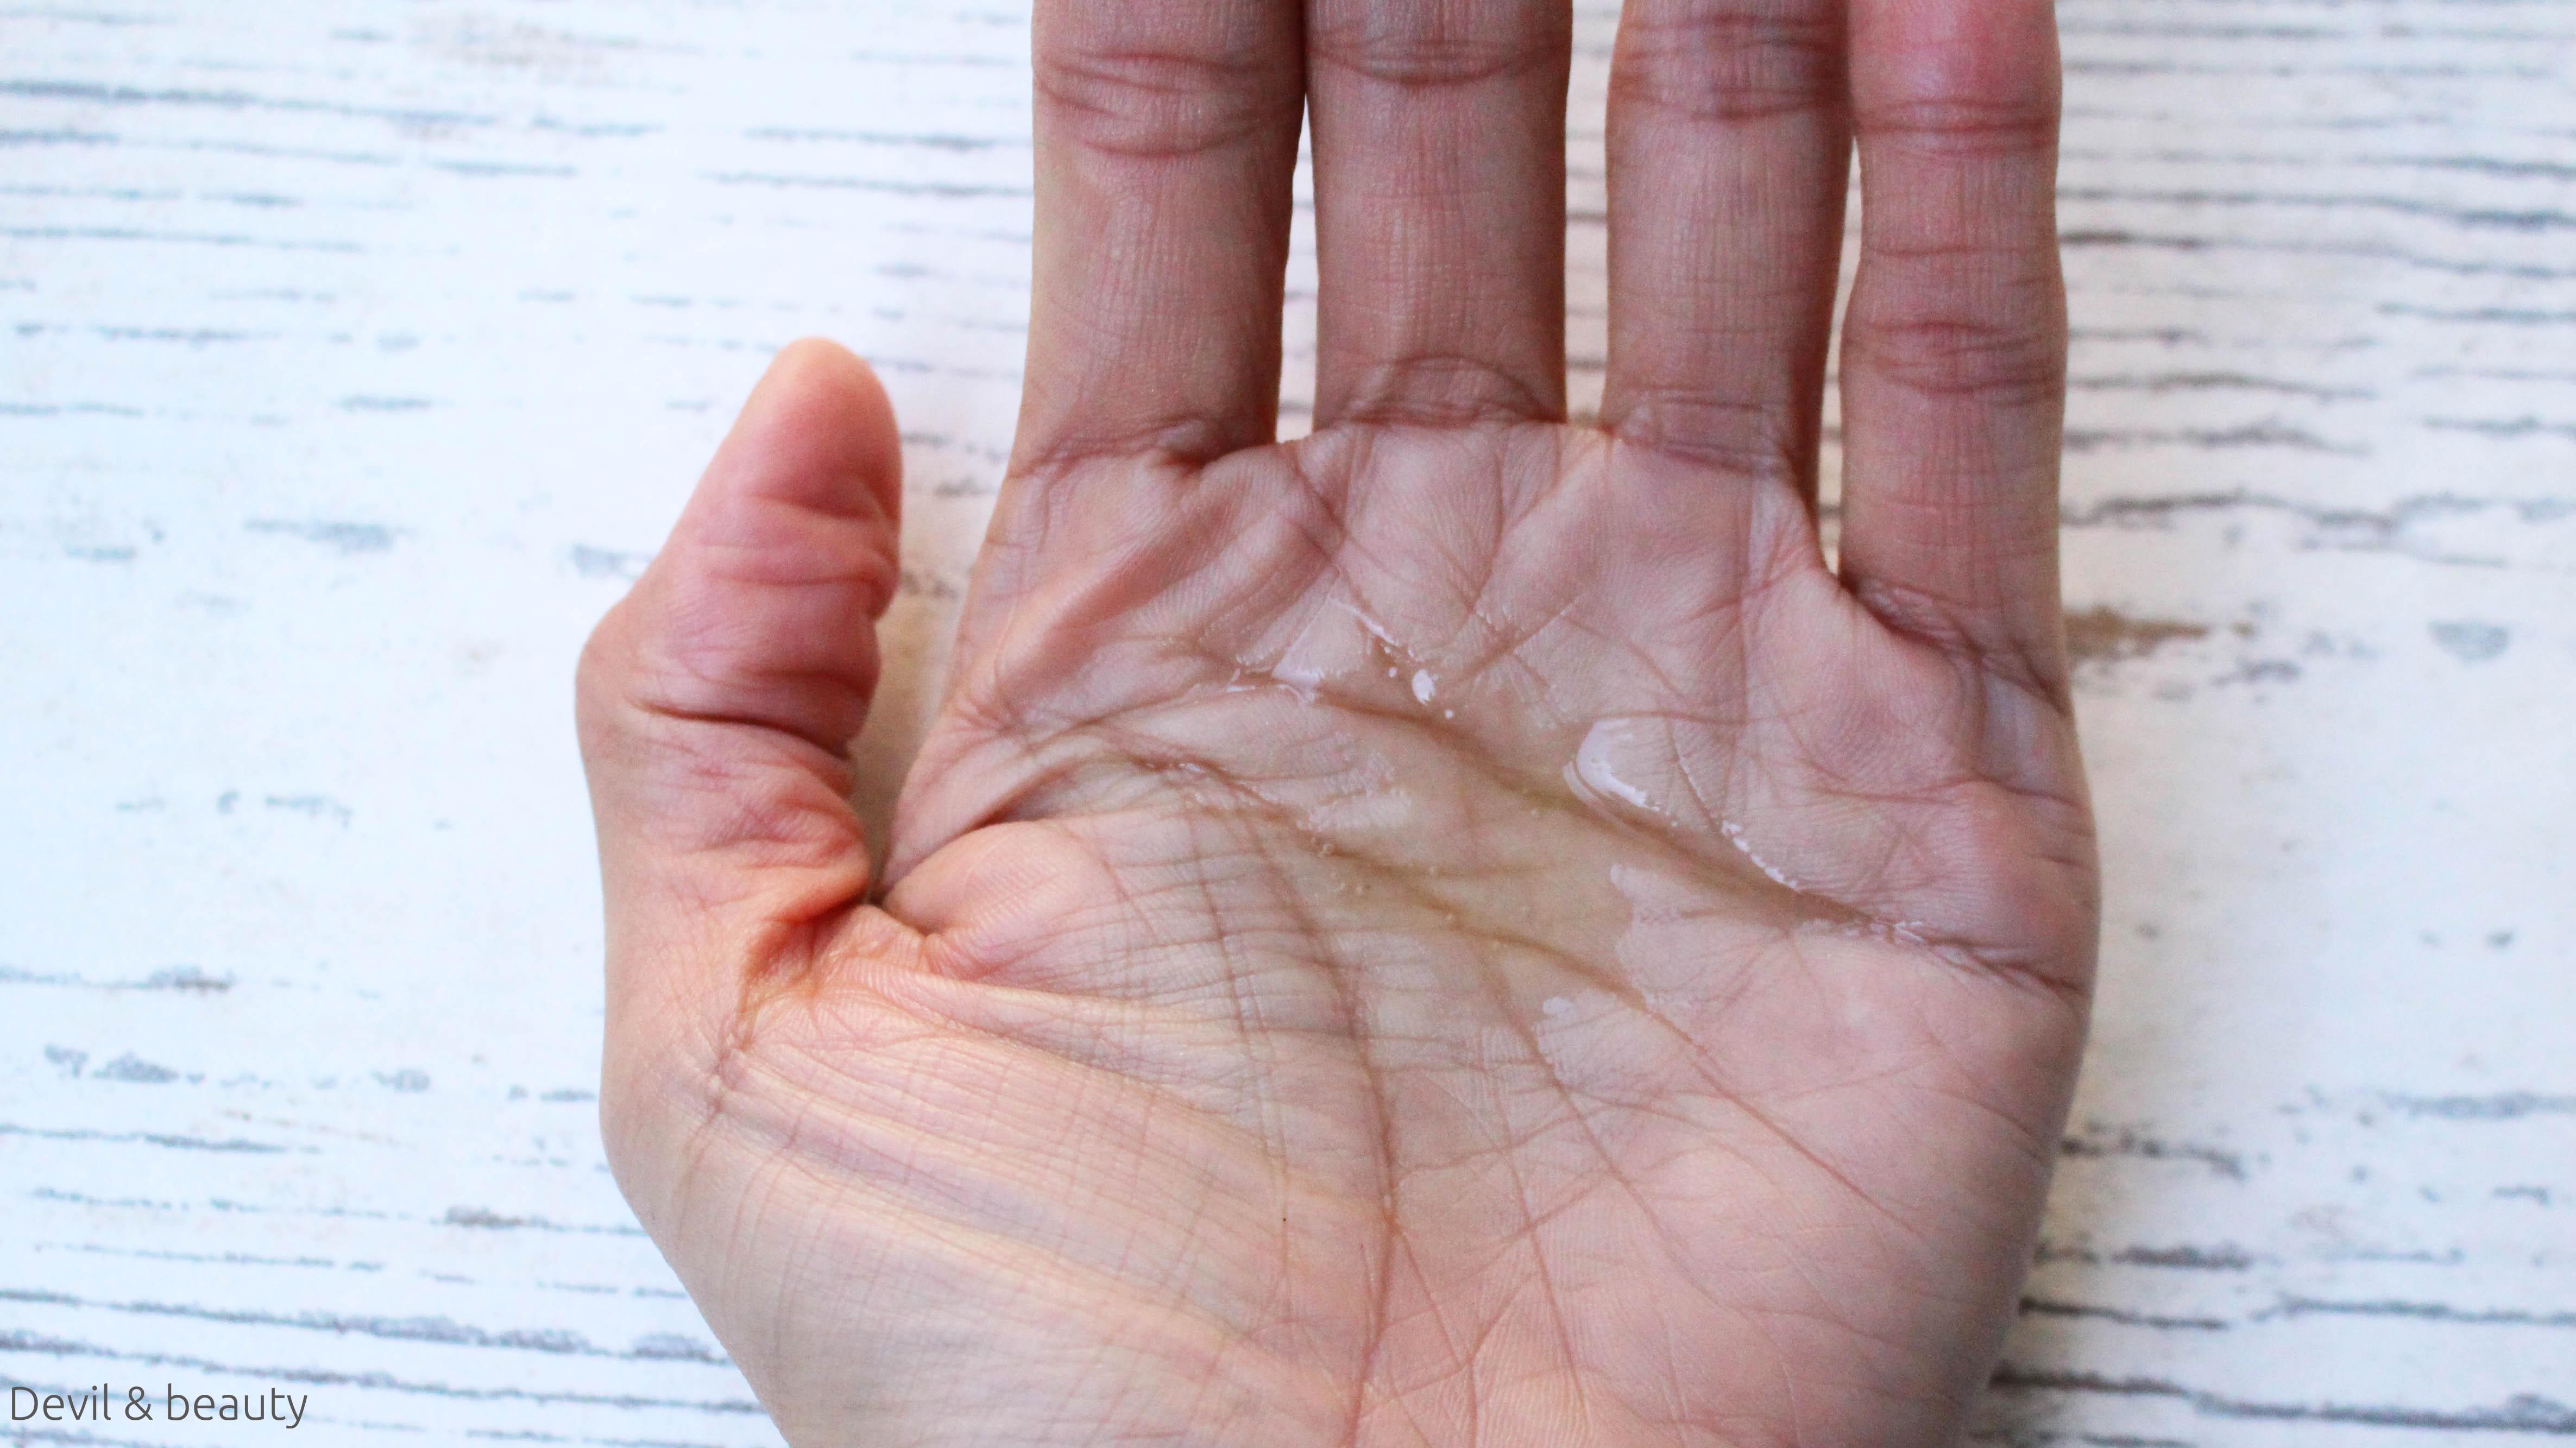 melvita-argan-oil11 - image